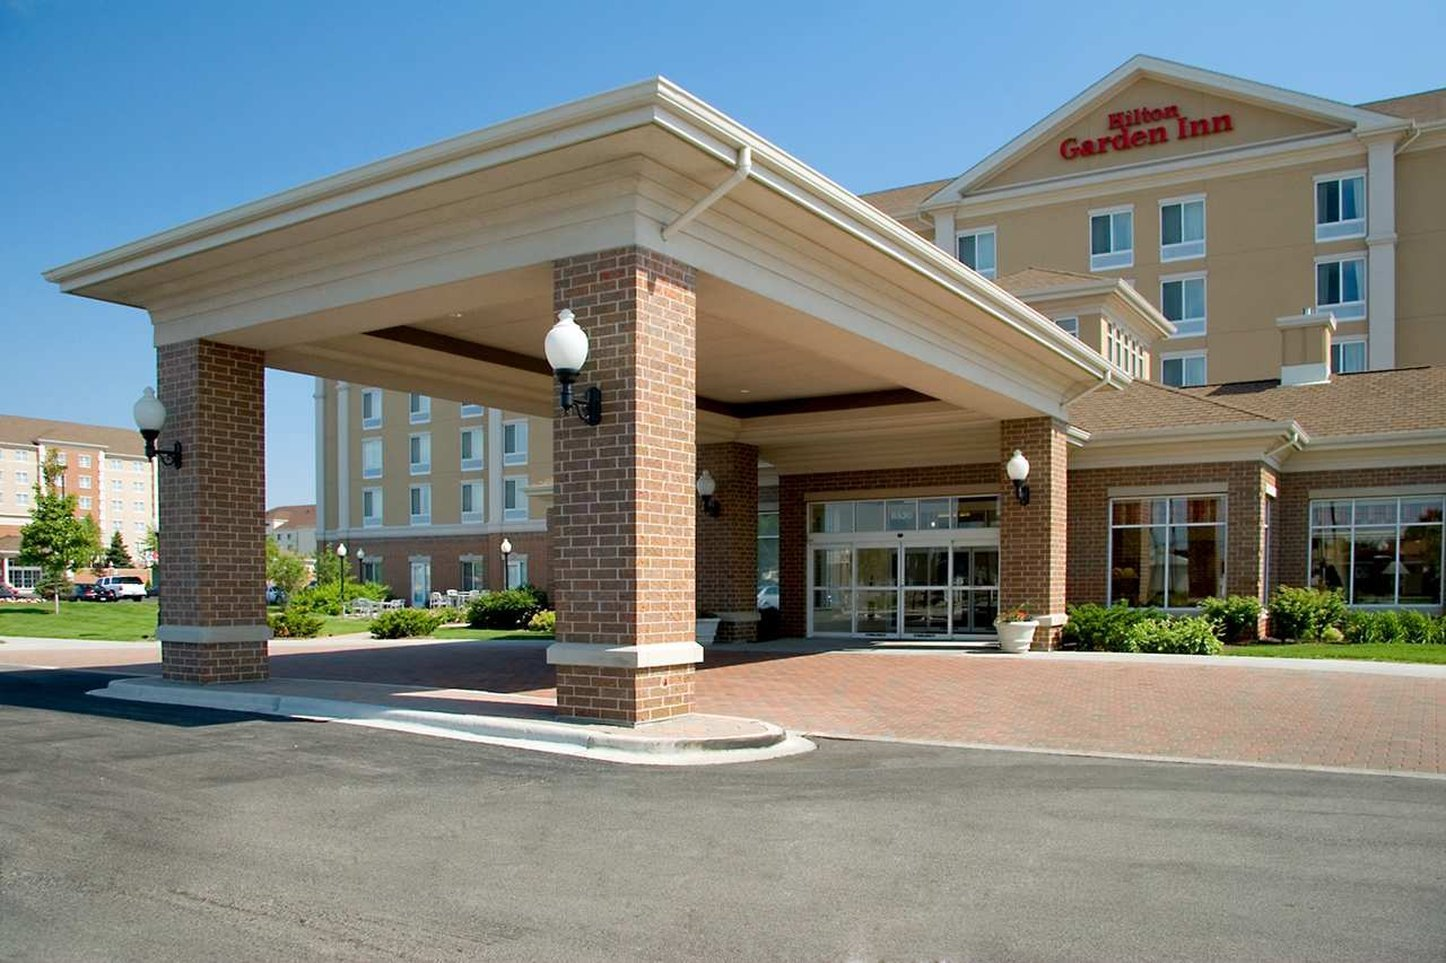 โรงแรมฮิลตัน การ์เดนอินน์ ชิคาโก มิดเวย์ แอร์พอร์ต